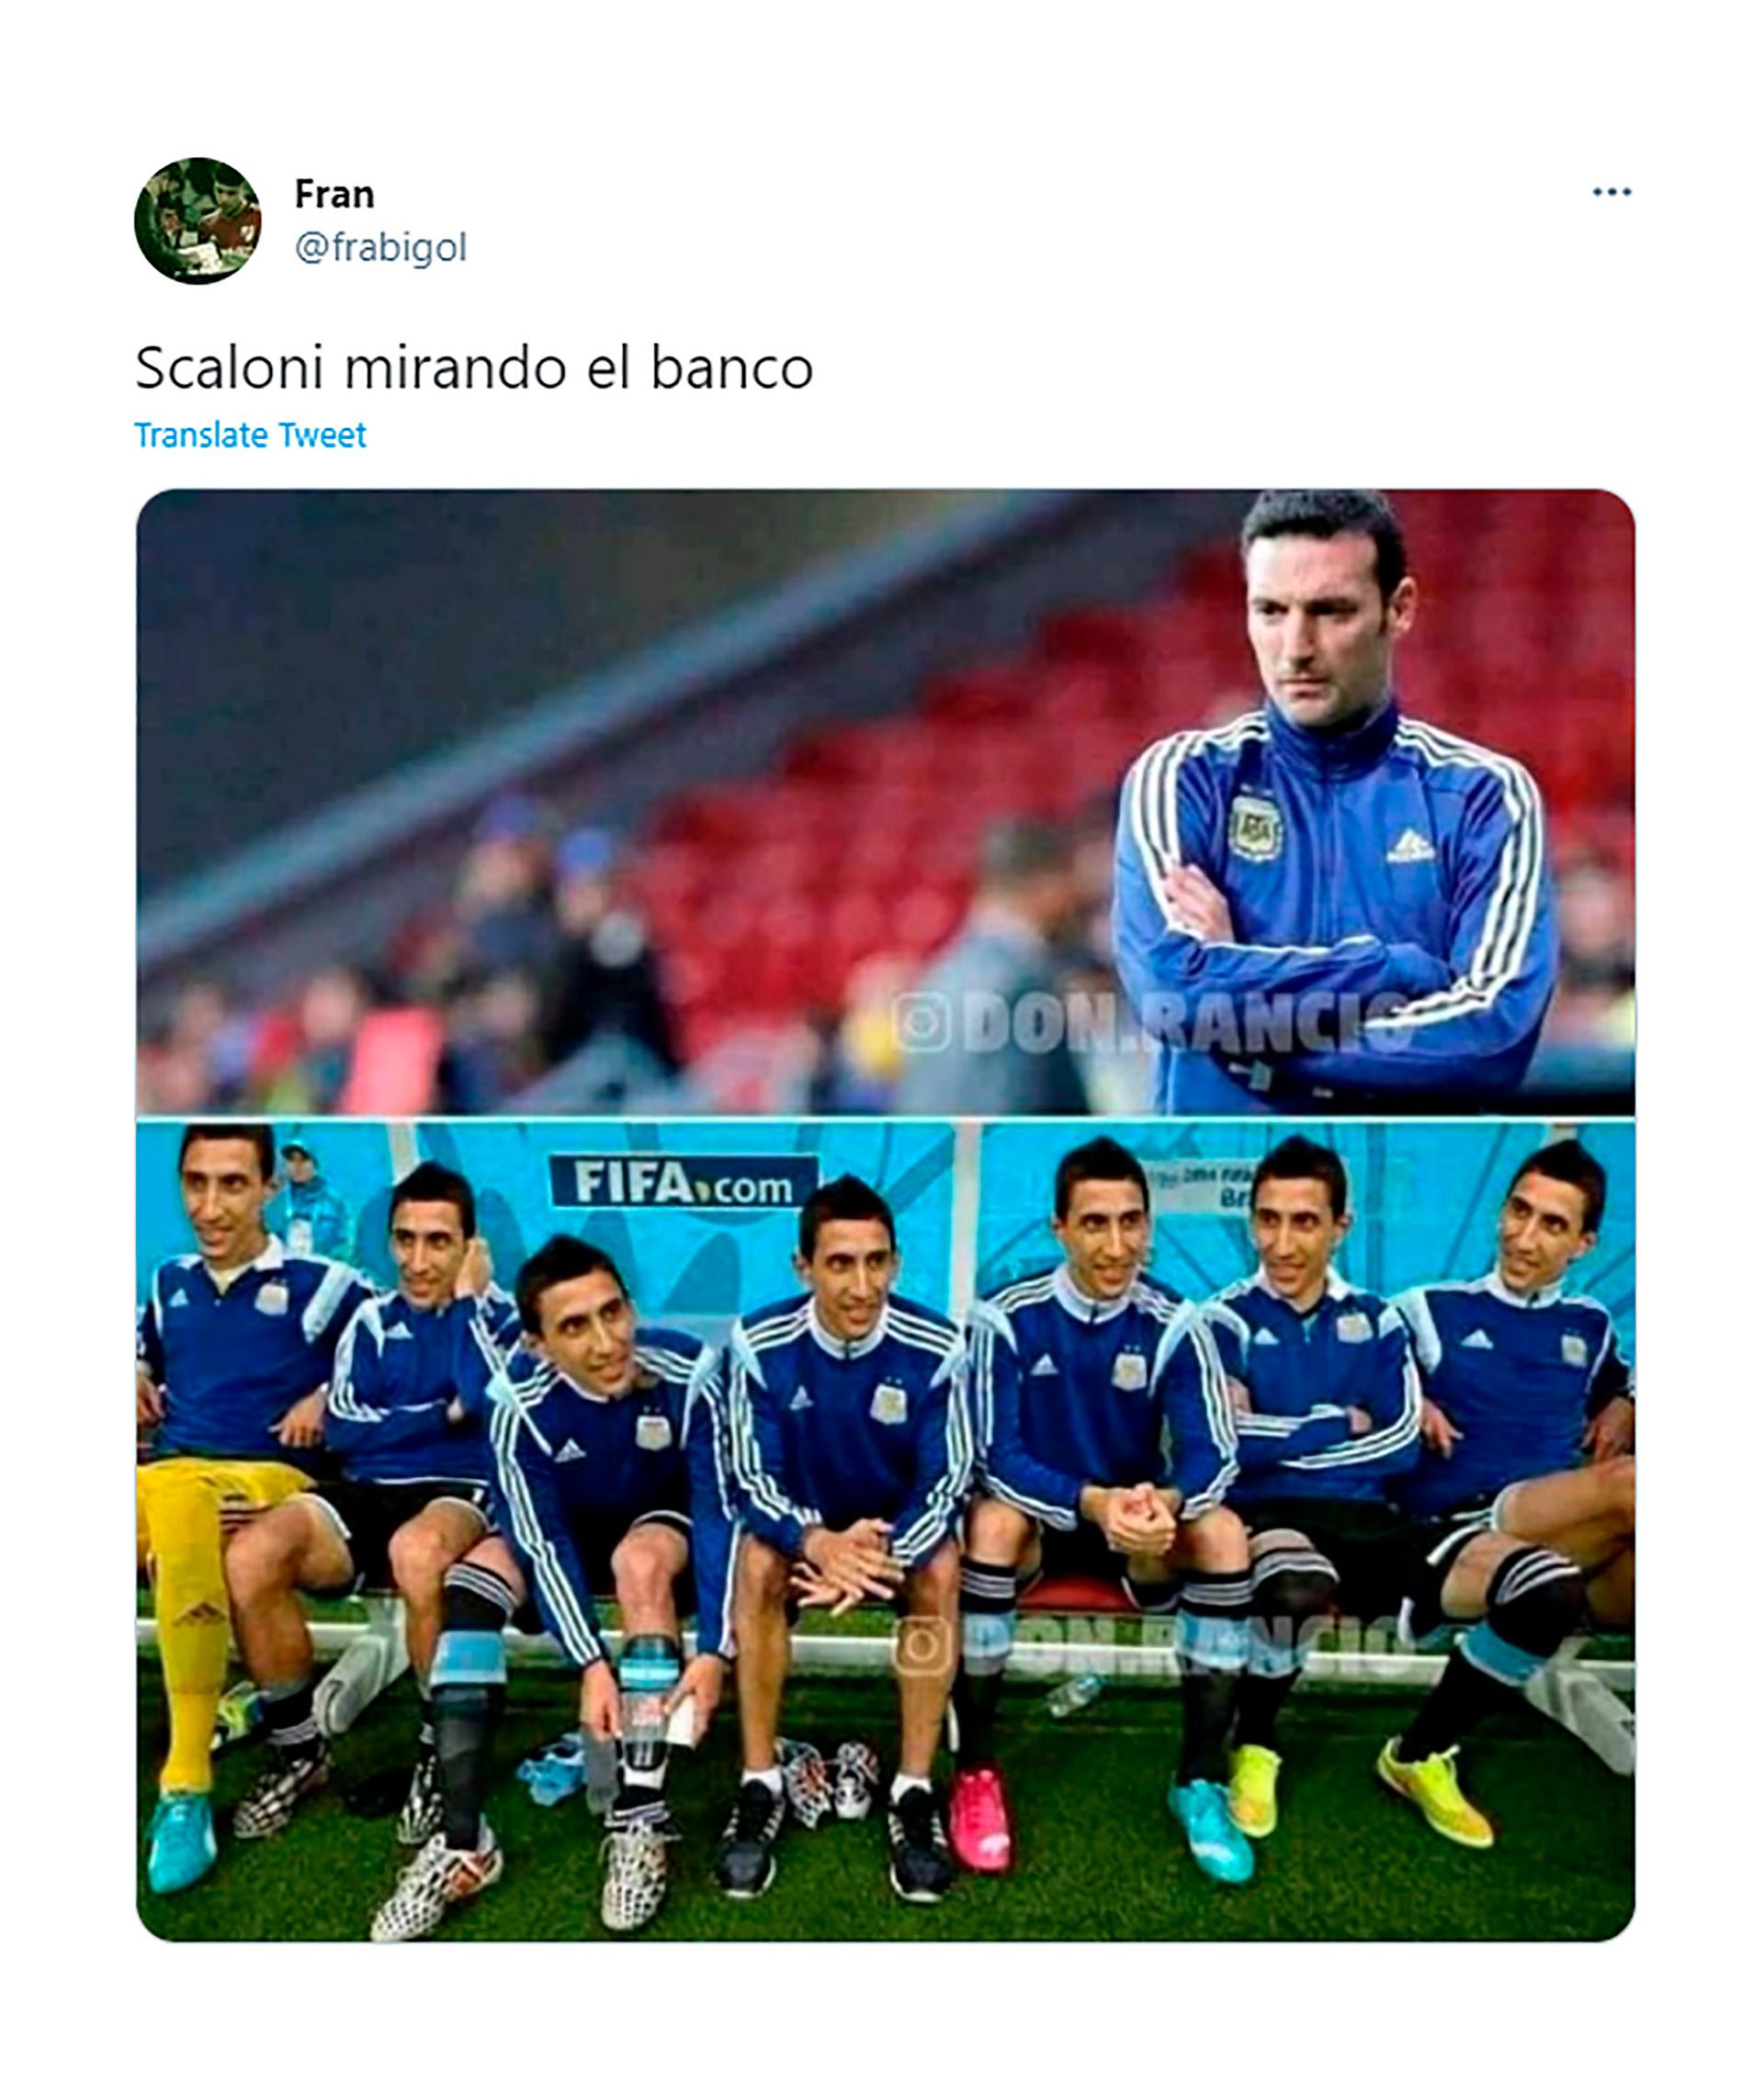 Con críticas a los cambios de Scaloni y a la defensa, los mejores memes del  empate de Argentina ante Chile en la Copa América - Infobae